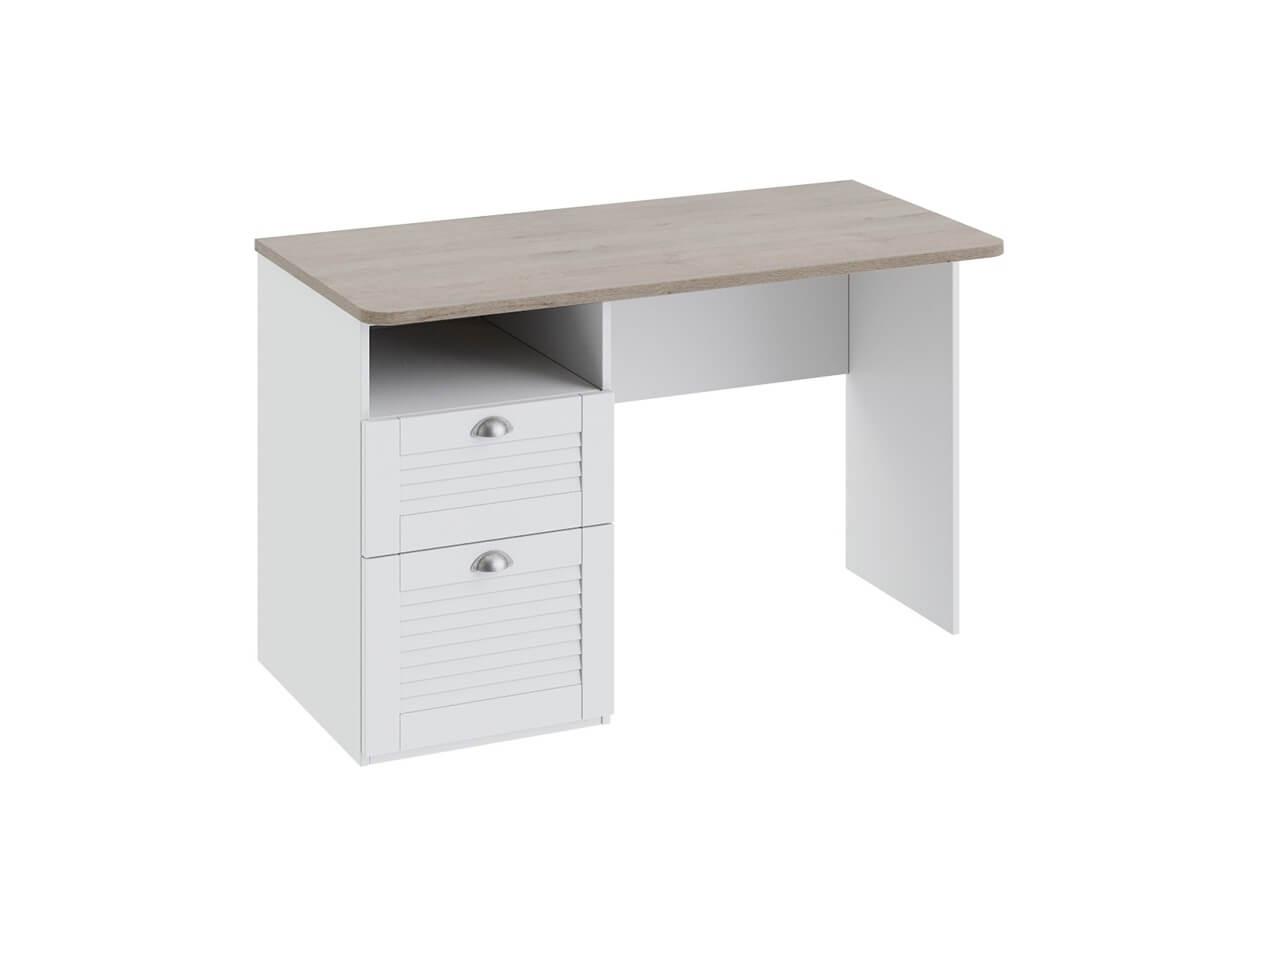 Письменный стол с ящиками Ривьера ТД-241-15-02 1210х590х758